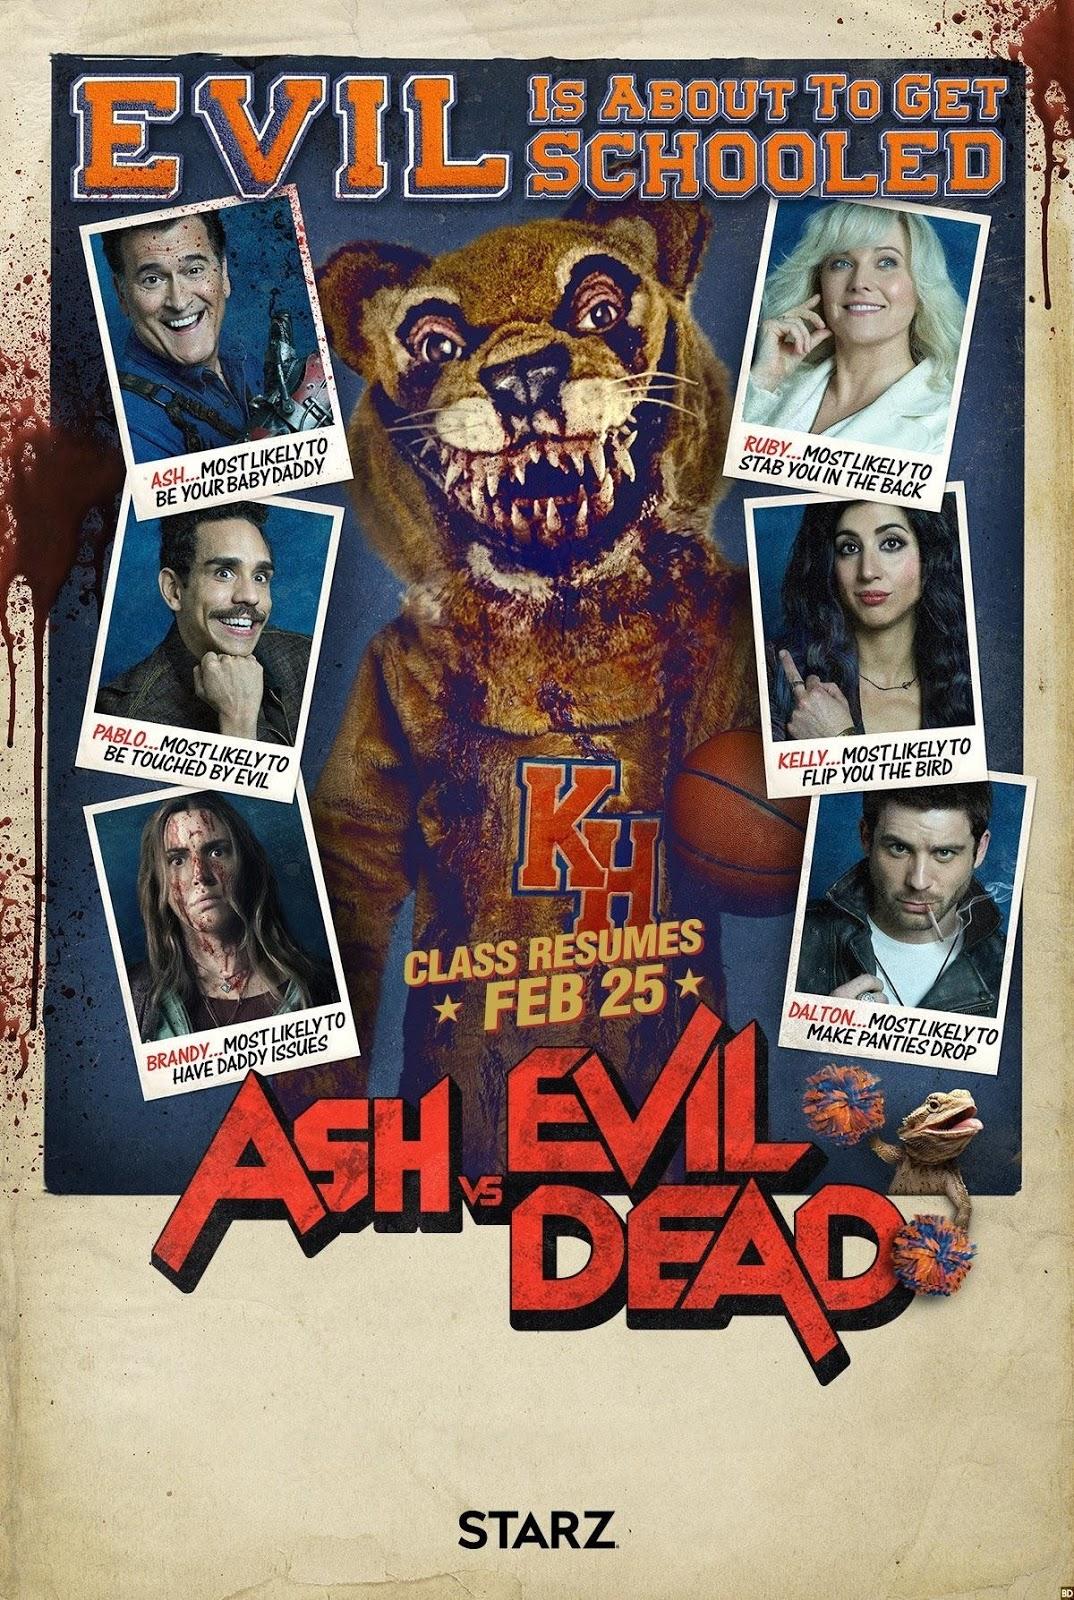 Эш против зловещих мертвецов, Ash vs Evil Dead, третий сезон, Season 3, кадры фото постеры картинки скриншоты, Screens Shots Poster Banner, ужасы, хоррор, сериалы, Horror, TV Series